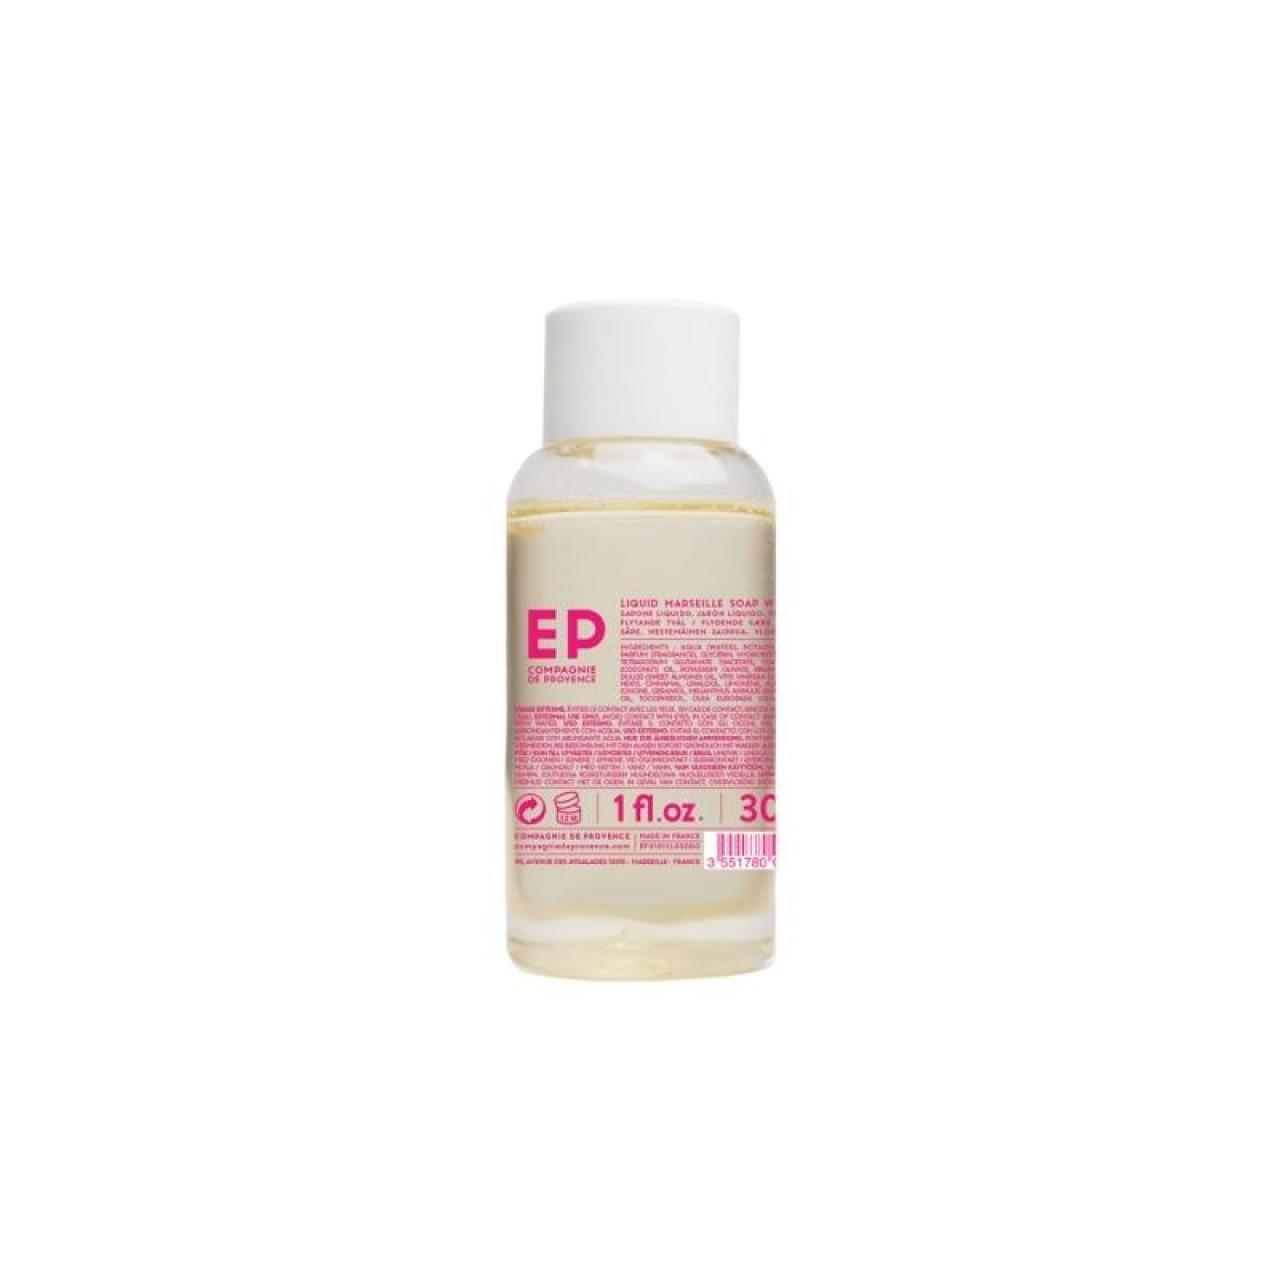 Sapone Liquido di Marsiglia alla Rosa Selvatica 30 ml Compagnie de Provence Italia CPPF0101SL030RO-01